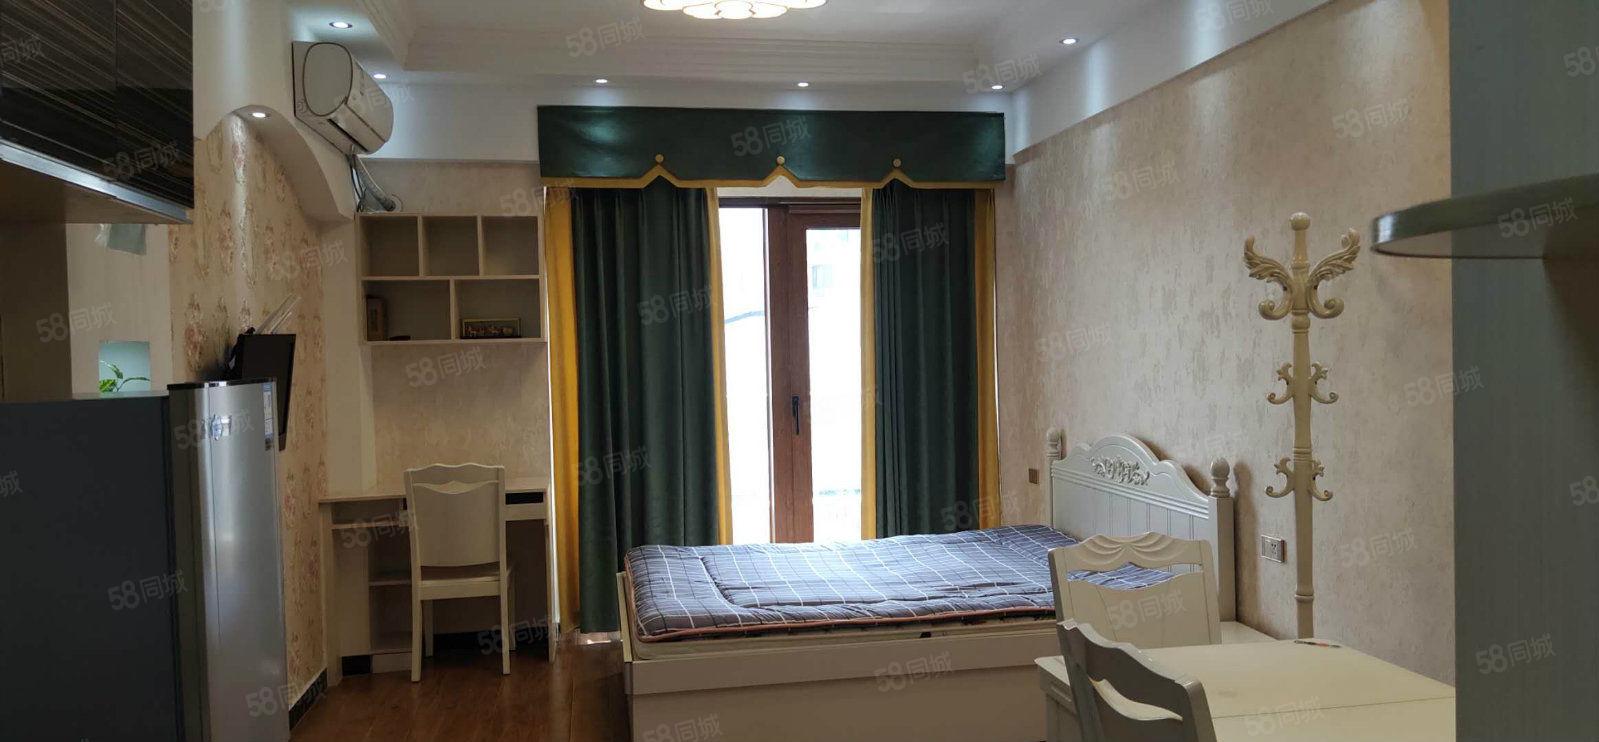 和盛時代廣場精裝一室拎包入住全屋設備齊全干凈整潔歡迎您致電